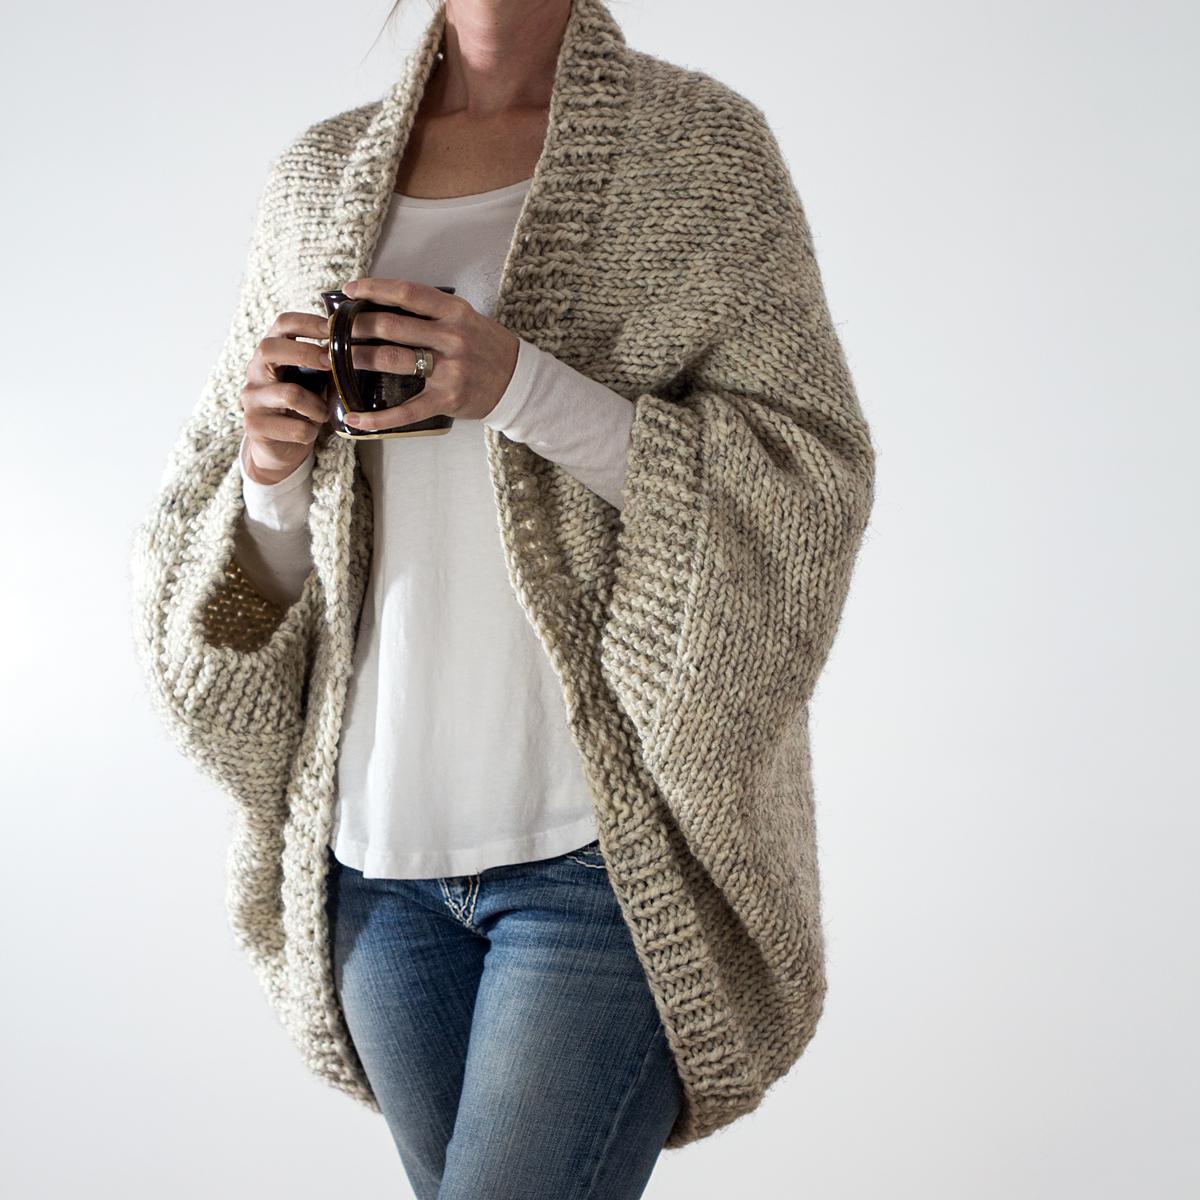 image8-8 | 15 модных зимних свитеров сезона 2018–2019